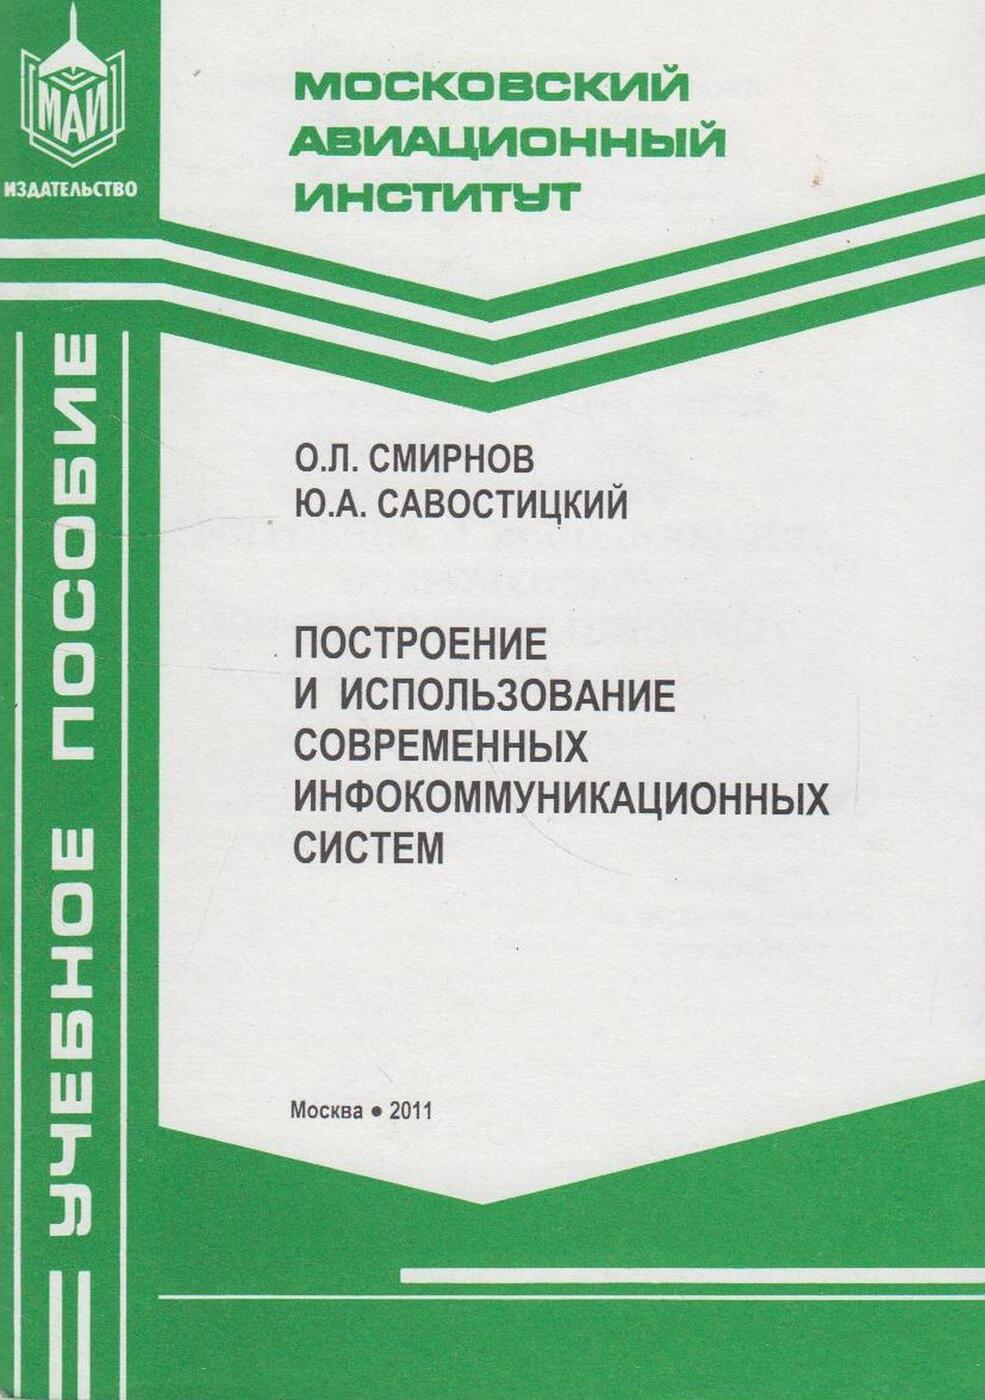 Смирнов Олег Леонидович. Построение и использование современных инфокоммуникационных систем